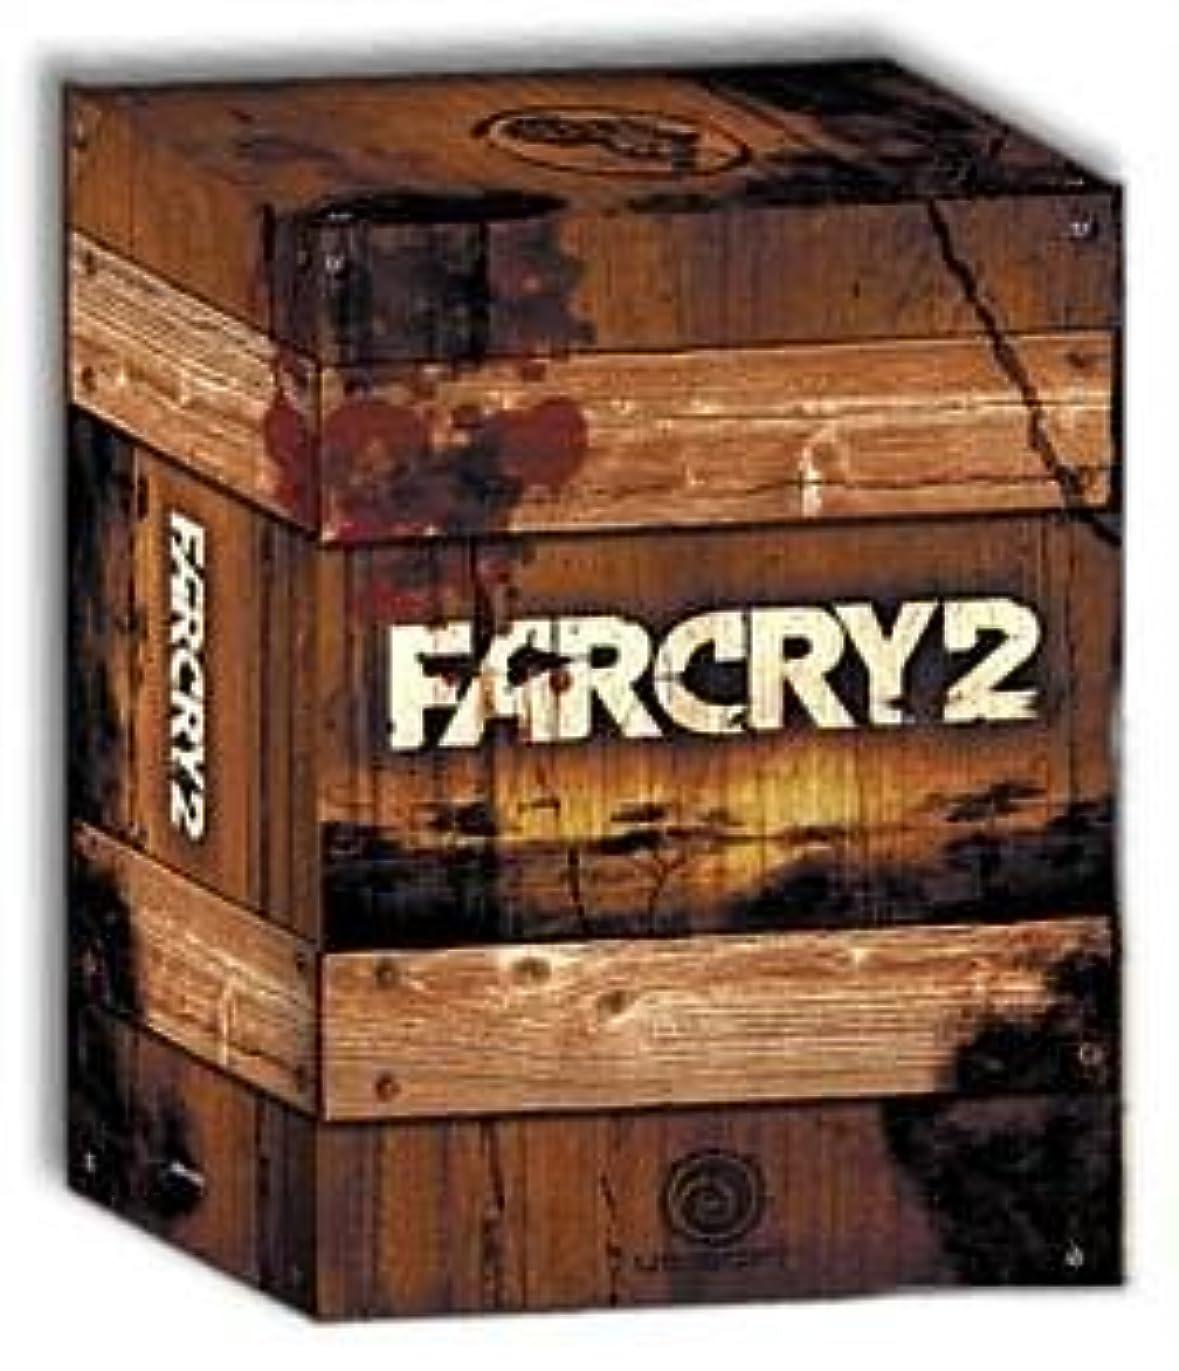 レタスジャンル中絶Far Cry 2 Collectors Edition (Wooden Box) (輸入版)